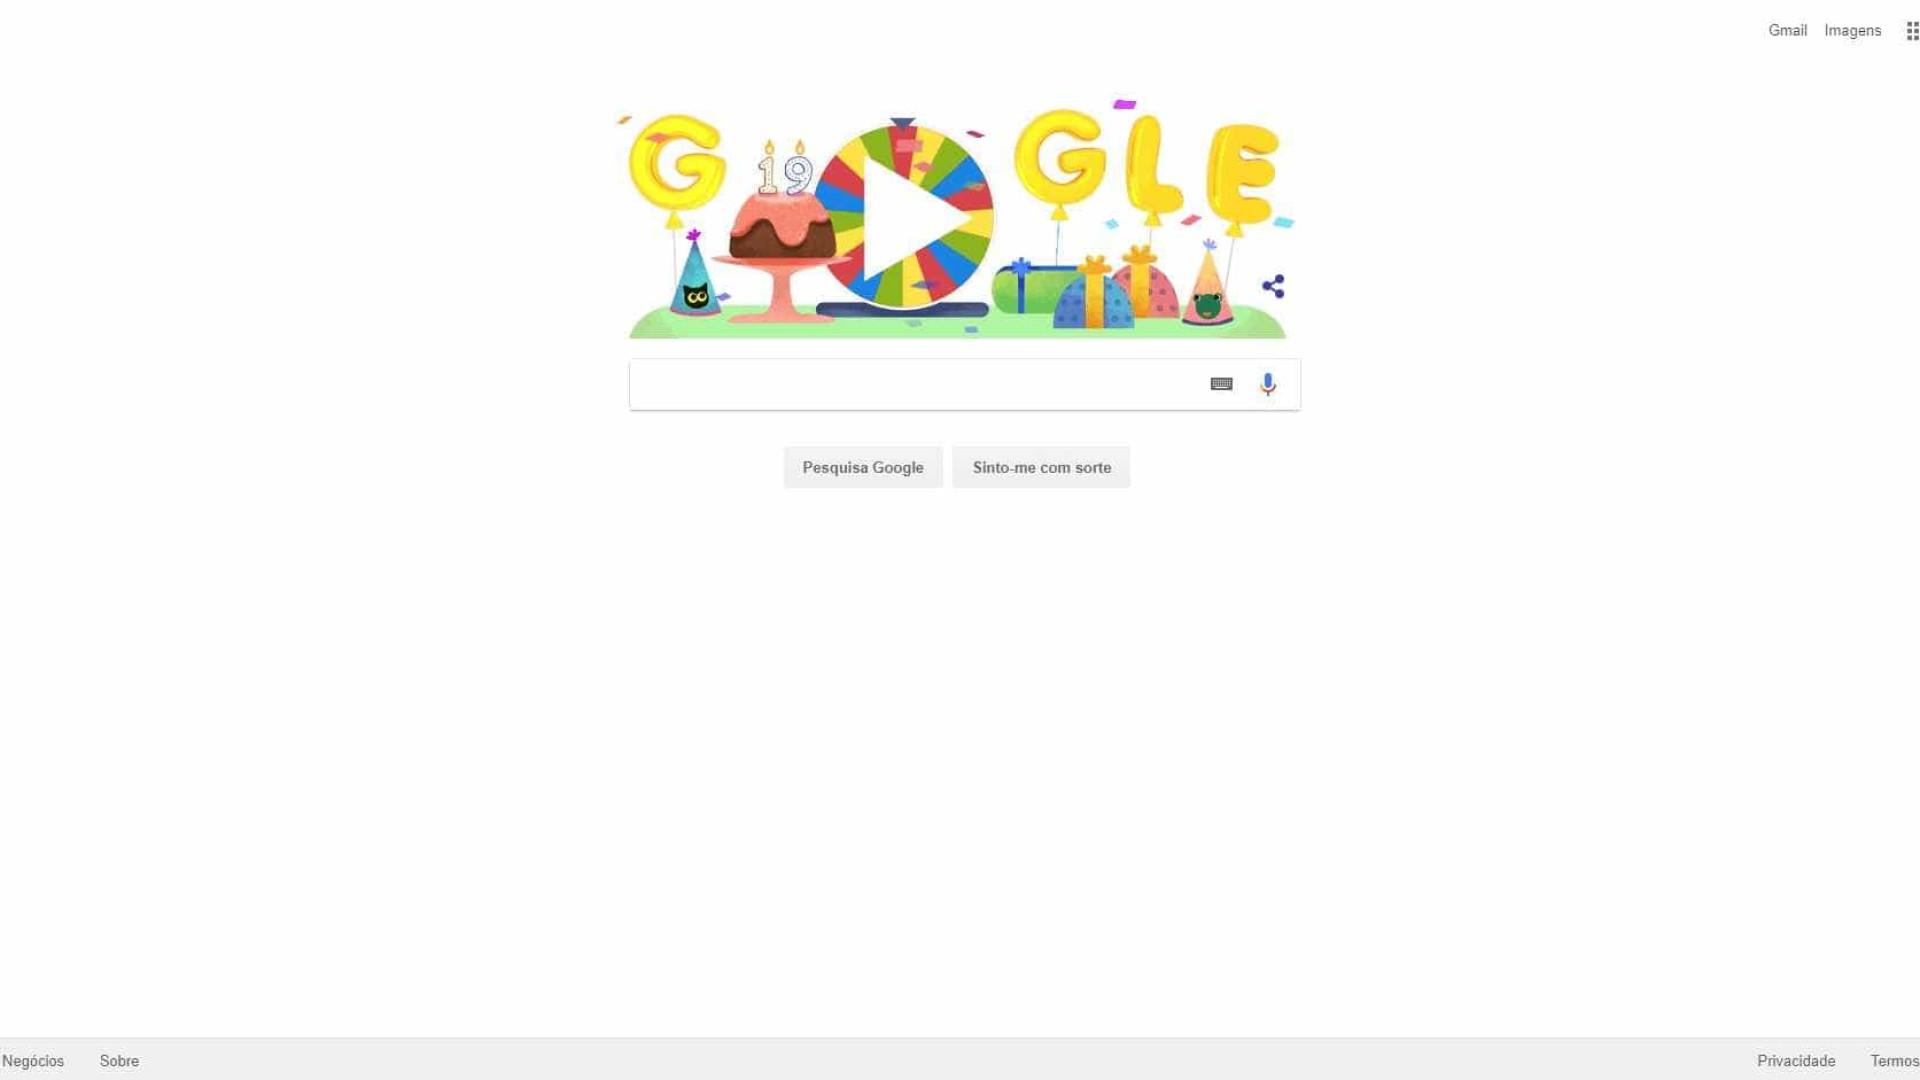 Na festa de 19 anos empresa disponibiliza 19 joguinhos — Aniversário do Google